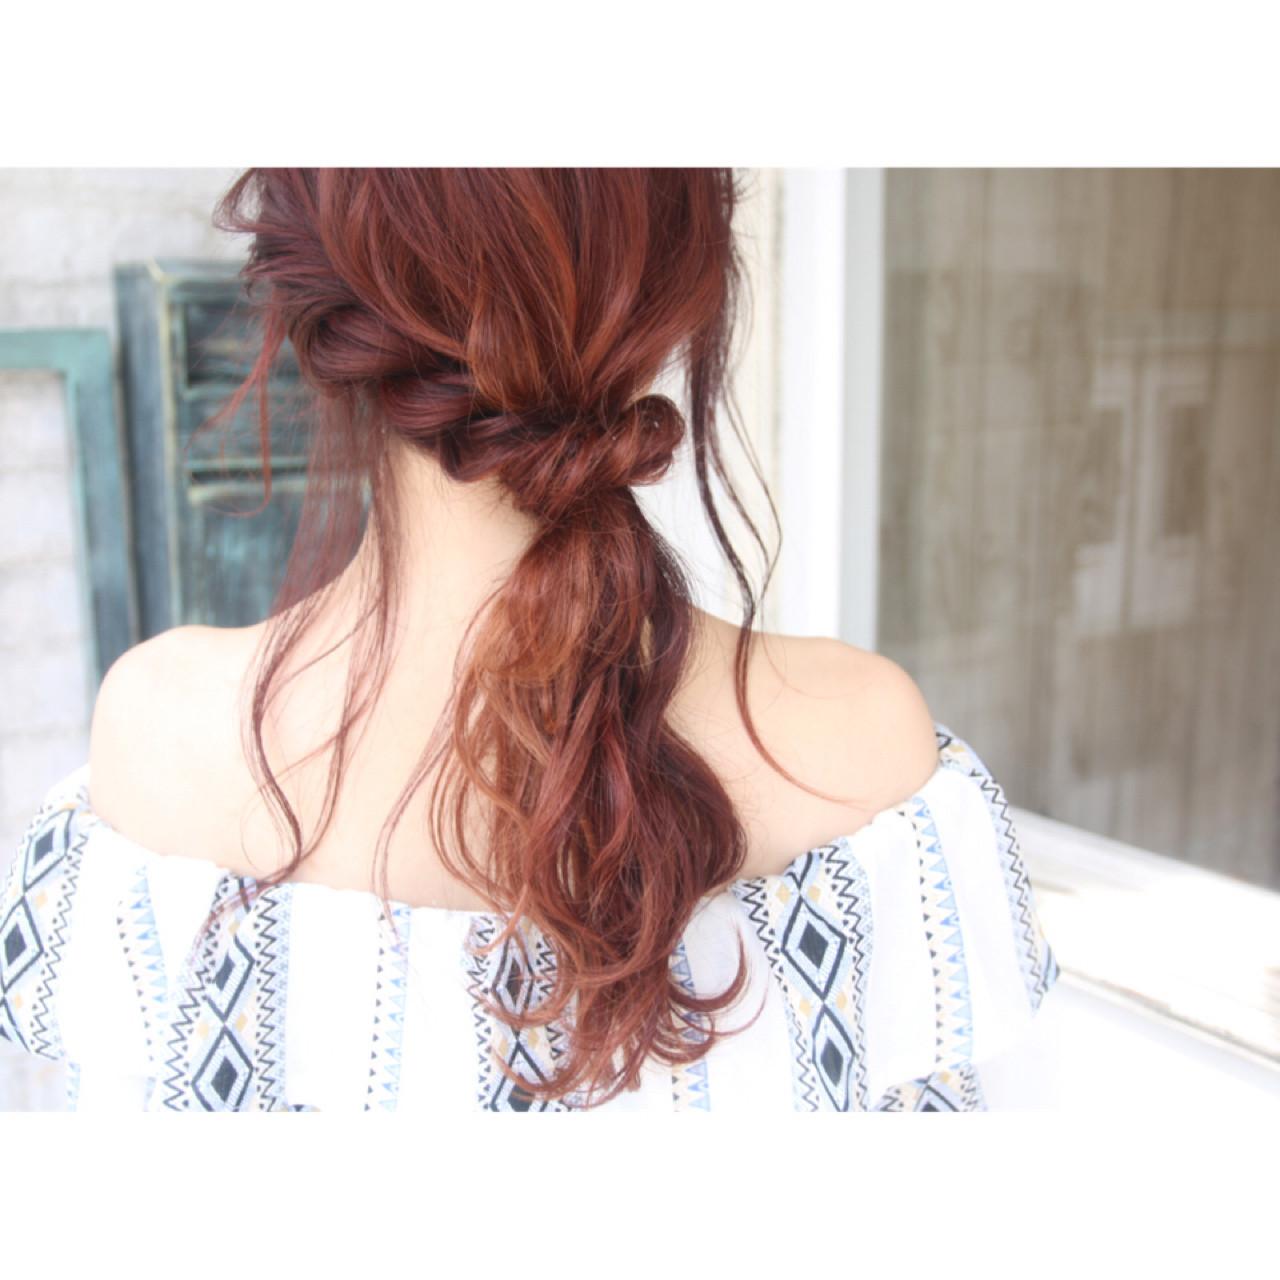 大人かわいい エレガント ポニーテール ヘアアレンジ ヘアスタイルや髪型の写真・画像